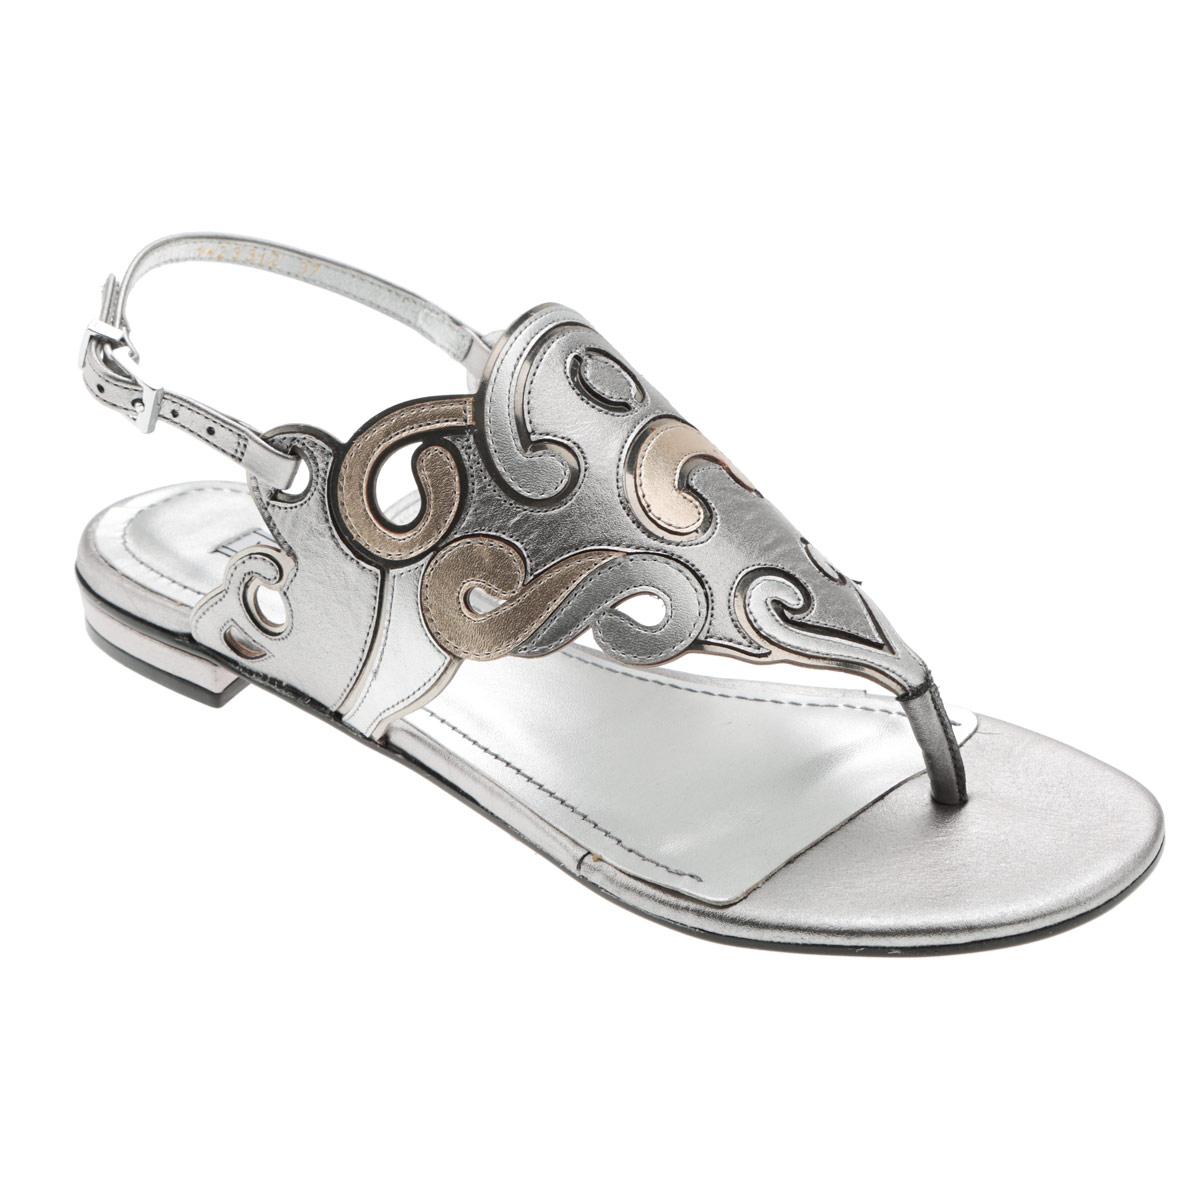 Сандалии женские Werner, цвет: серебряный. 1-23312. Размер 33 (34)1-23312Стильные сандалии от Werner займут достойное место среди вашей коллекции летней обуви. Модель выполнена из натуральной кожи и декорирована на подъеме оригинальным узором. Эргономичная перемычка между пальцами и ремешок, огибающий пятку, с прямоугольной металлической пряжкой отвечают за надежную фиксацию модели на ноге. Стелька из натуральной кожи обеспечивает комфорт при ходьбе. Подошва выполнена из прочного полимера с противоскользящим рифлением.Модные сандалии прекрасно дополнят любой из ваших образов.